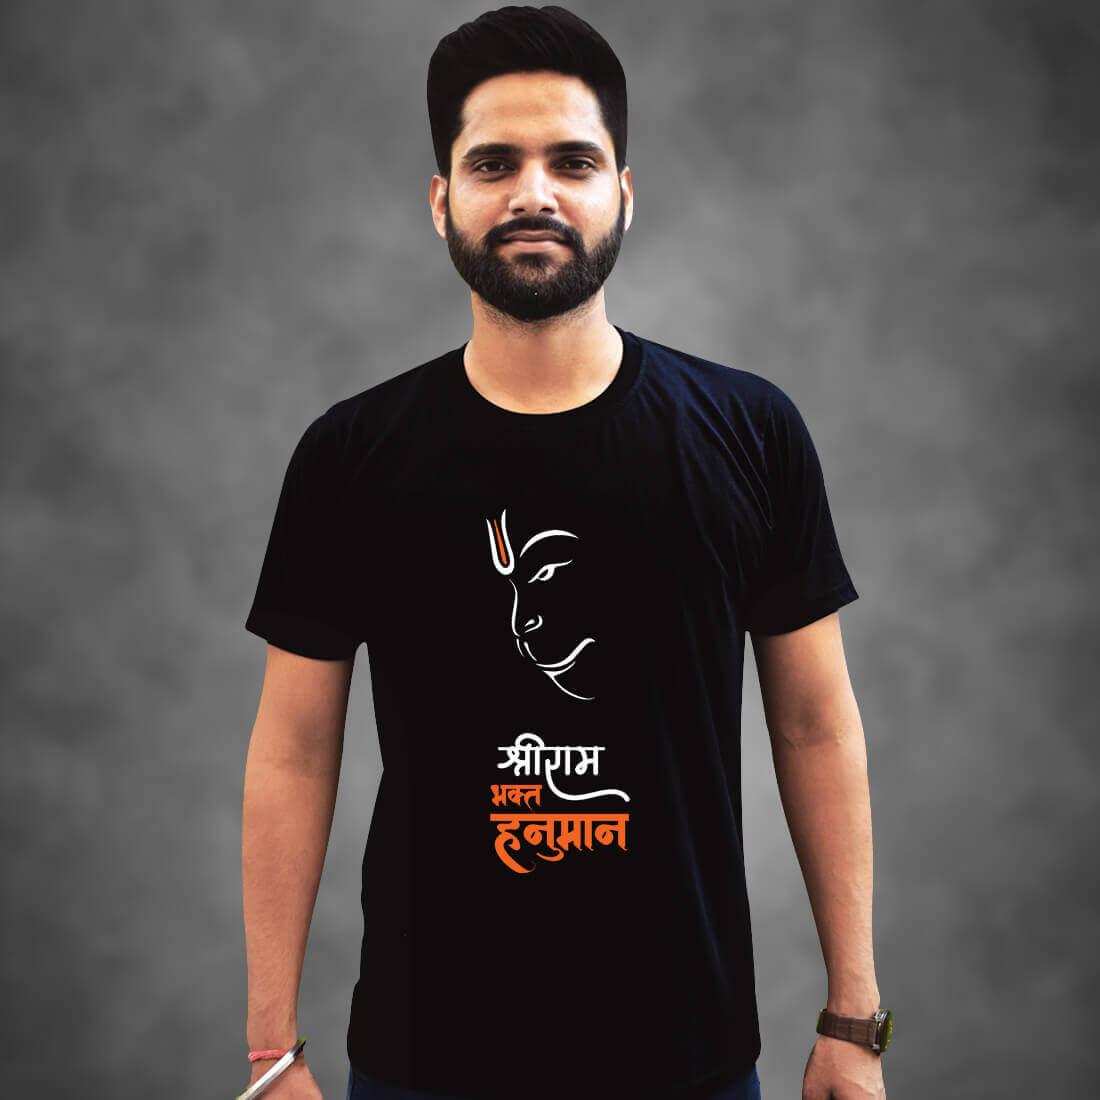 Best Hanuman,Black T-Shirt Front and Back